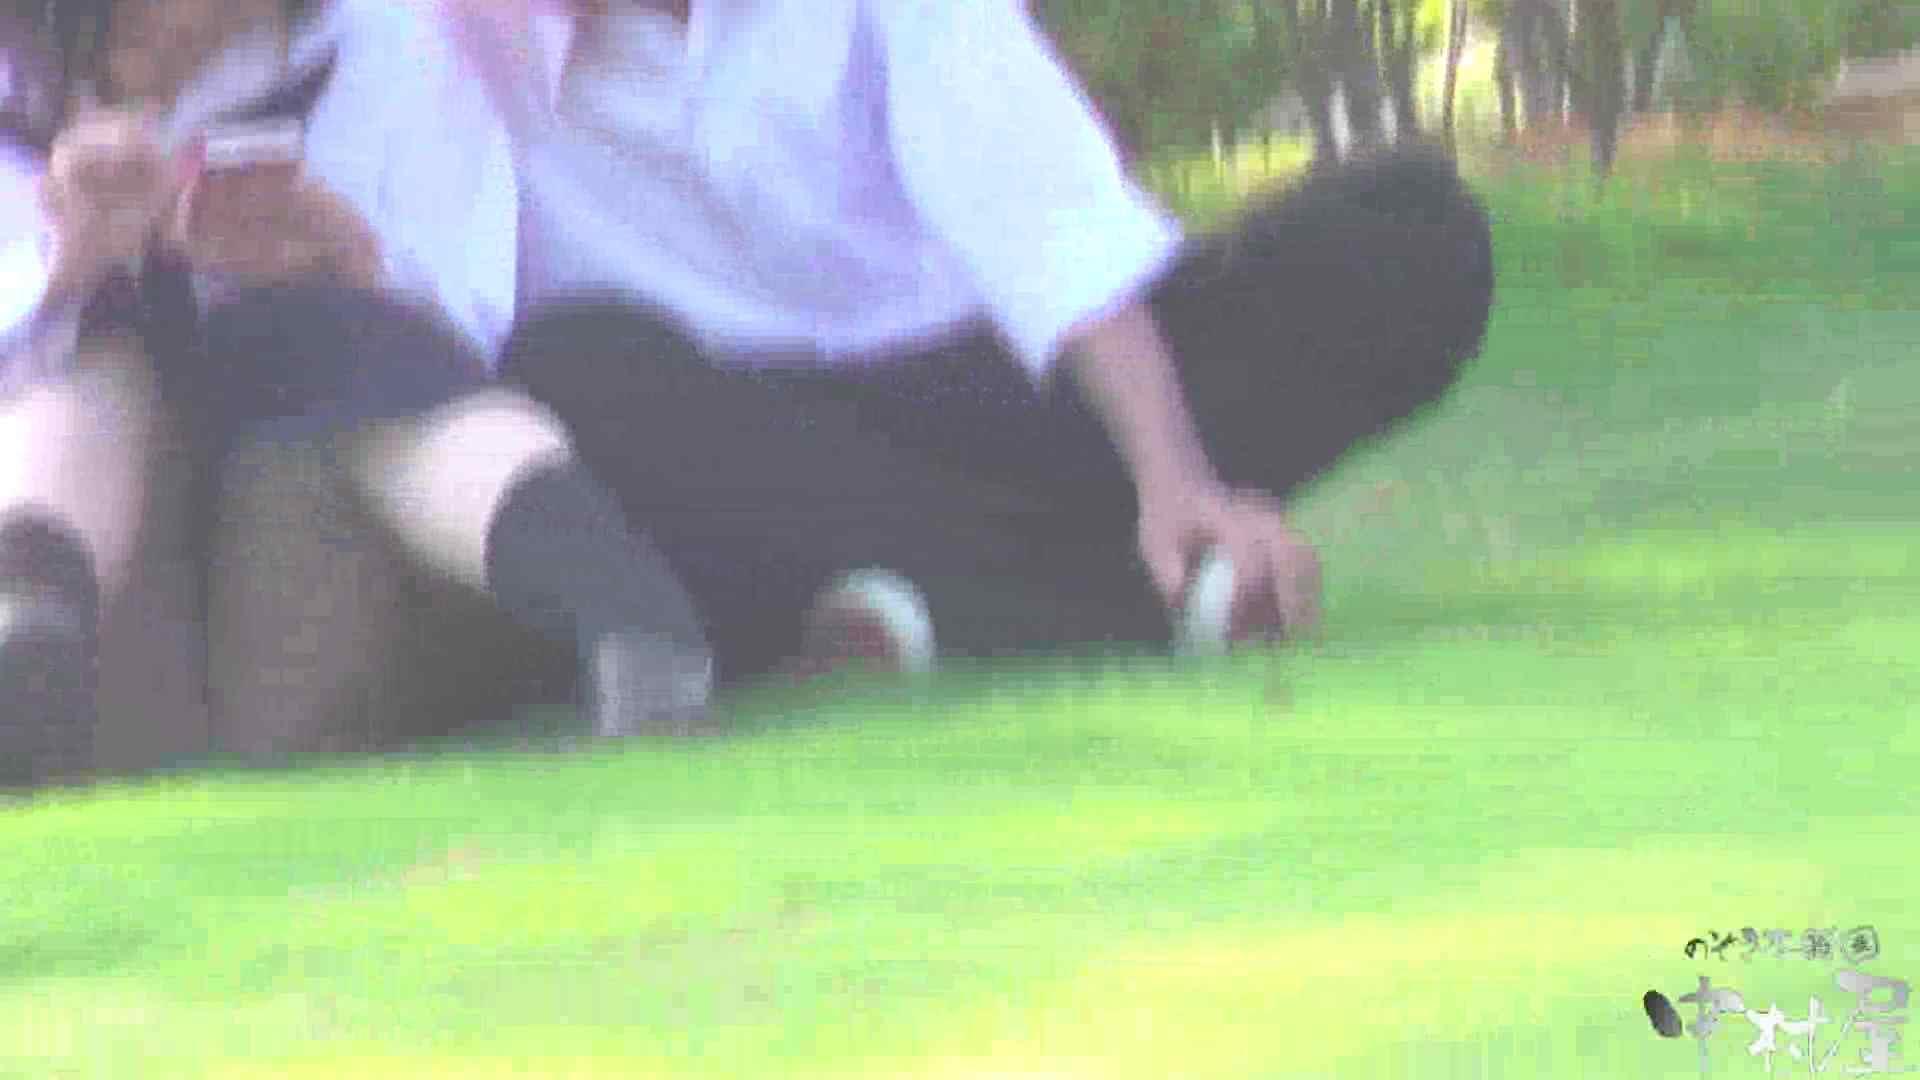 ドキドキ❤新入生パンチラ歓迎会vol.10 Hな乙女 | パンチラ  77pic 3